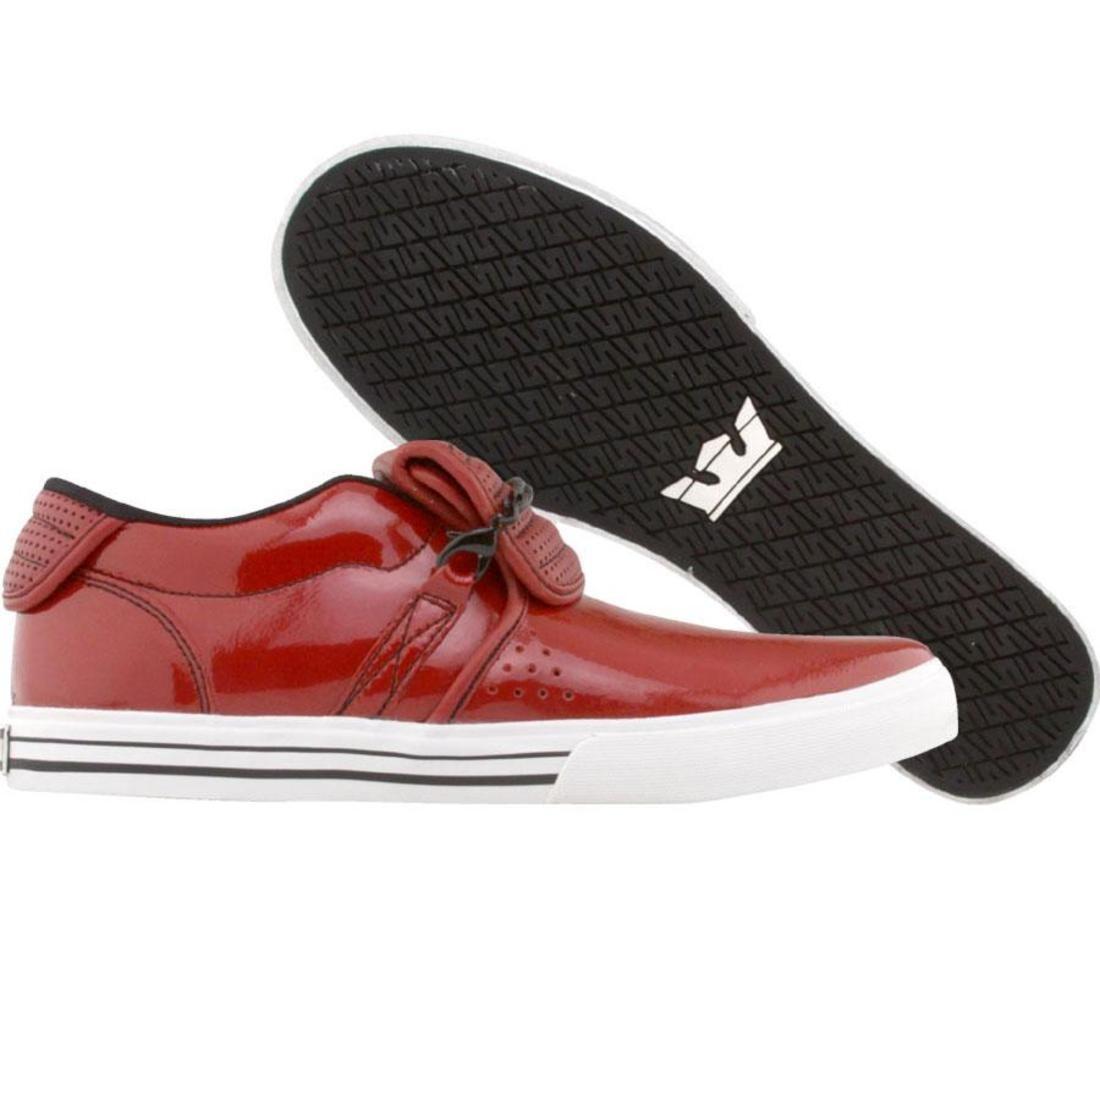 【海外限定】スープラ キューバン パテント 赤 レッド メンズ靴 スニーカー 【 SUPRA RED CUBAN NS PATENT PERF 】